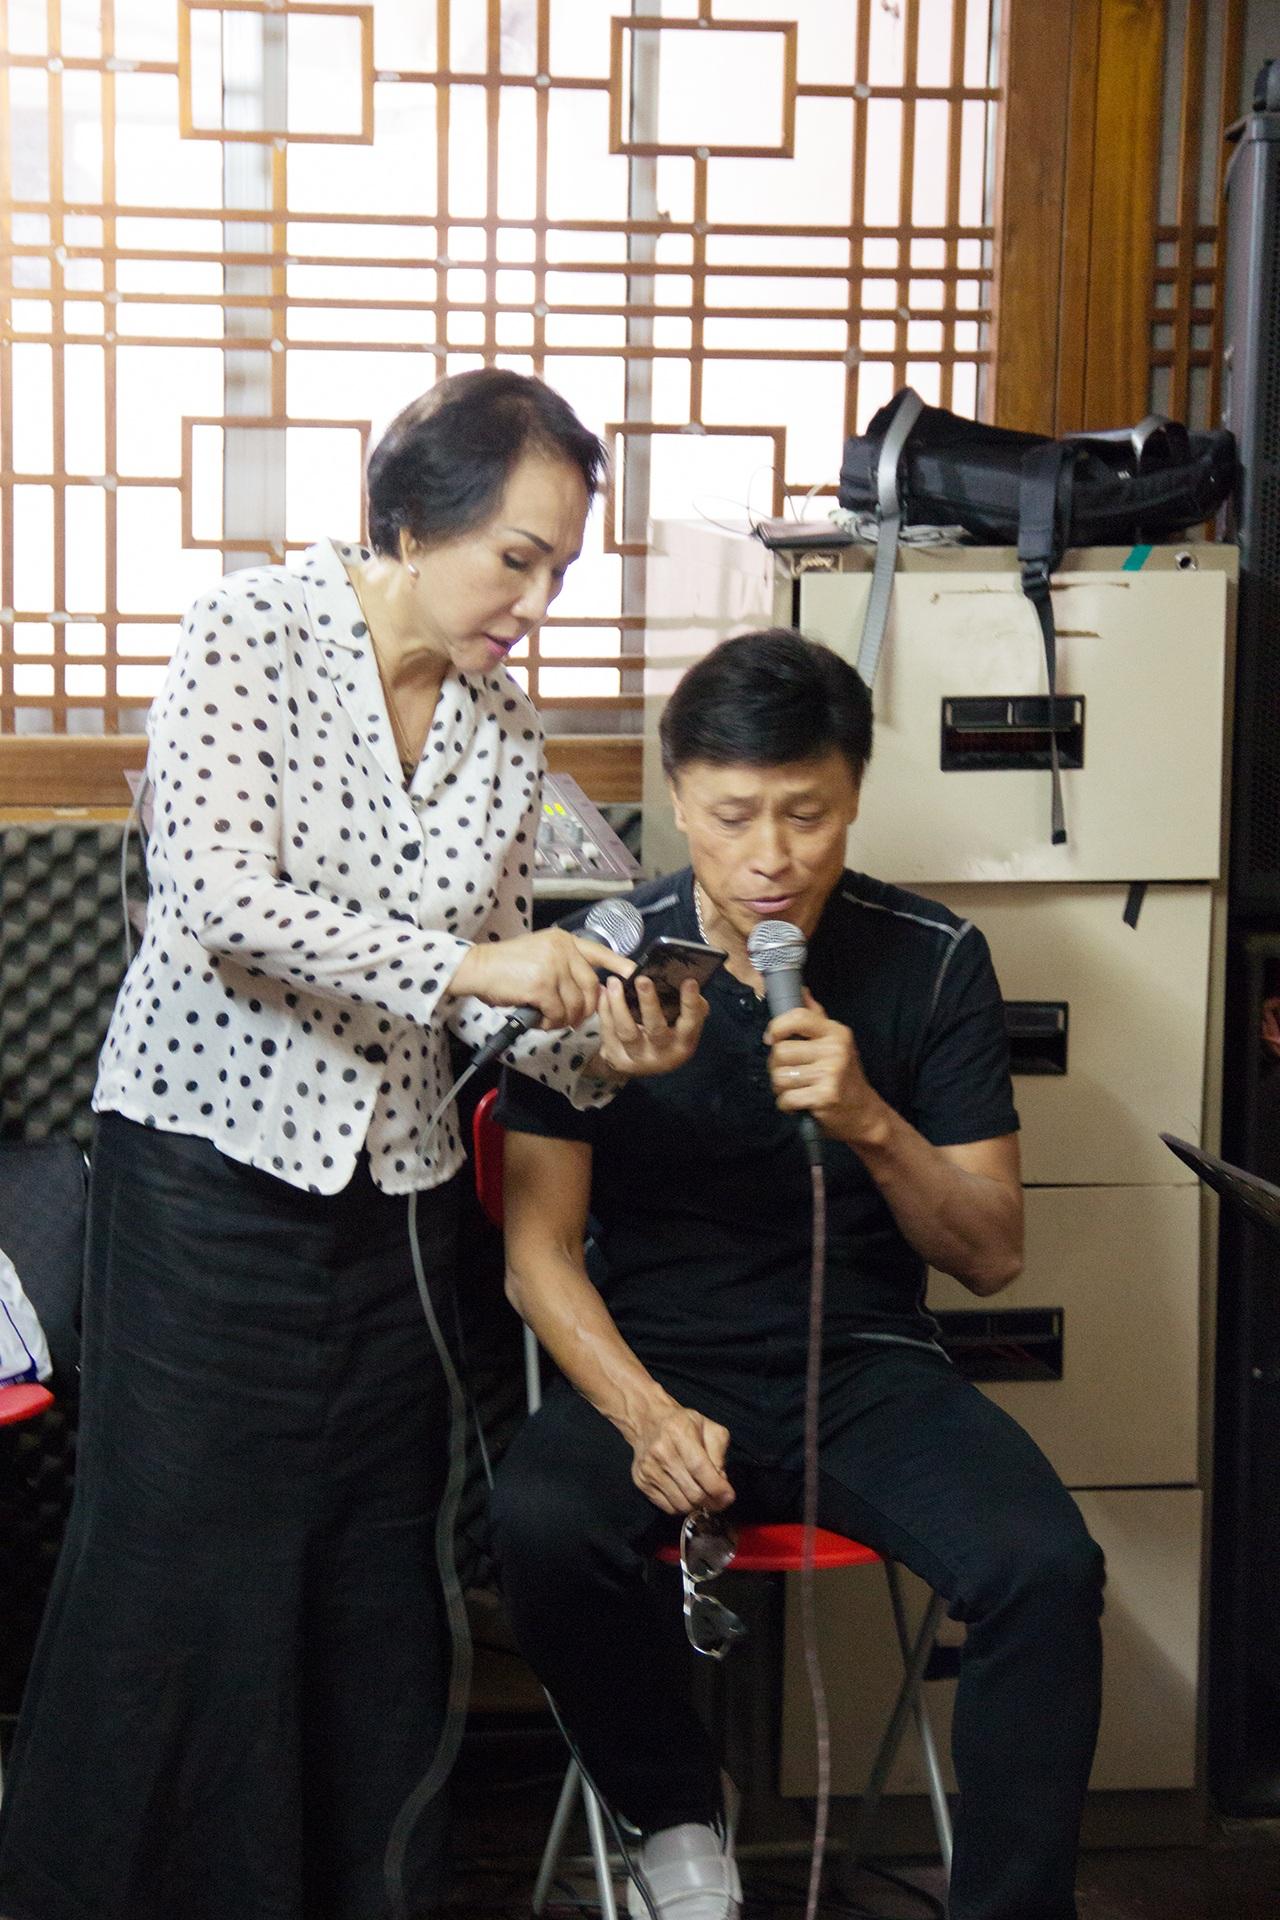 Danh ca Lệ Thu và Tuấn Ngọc tập hát cho đêm nhạc Ngô Thuỵ Miên.